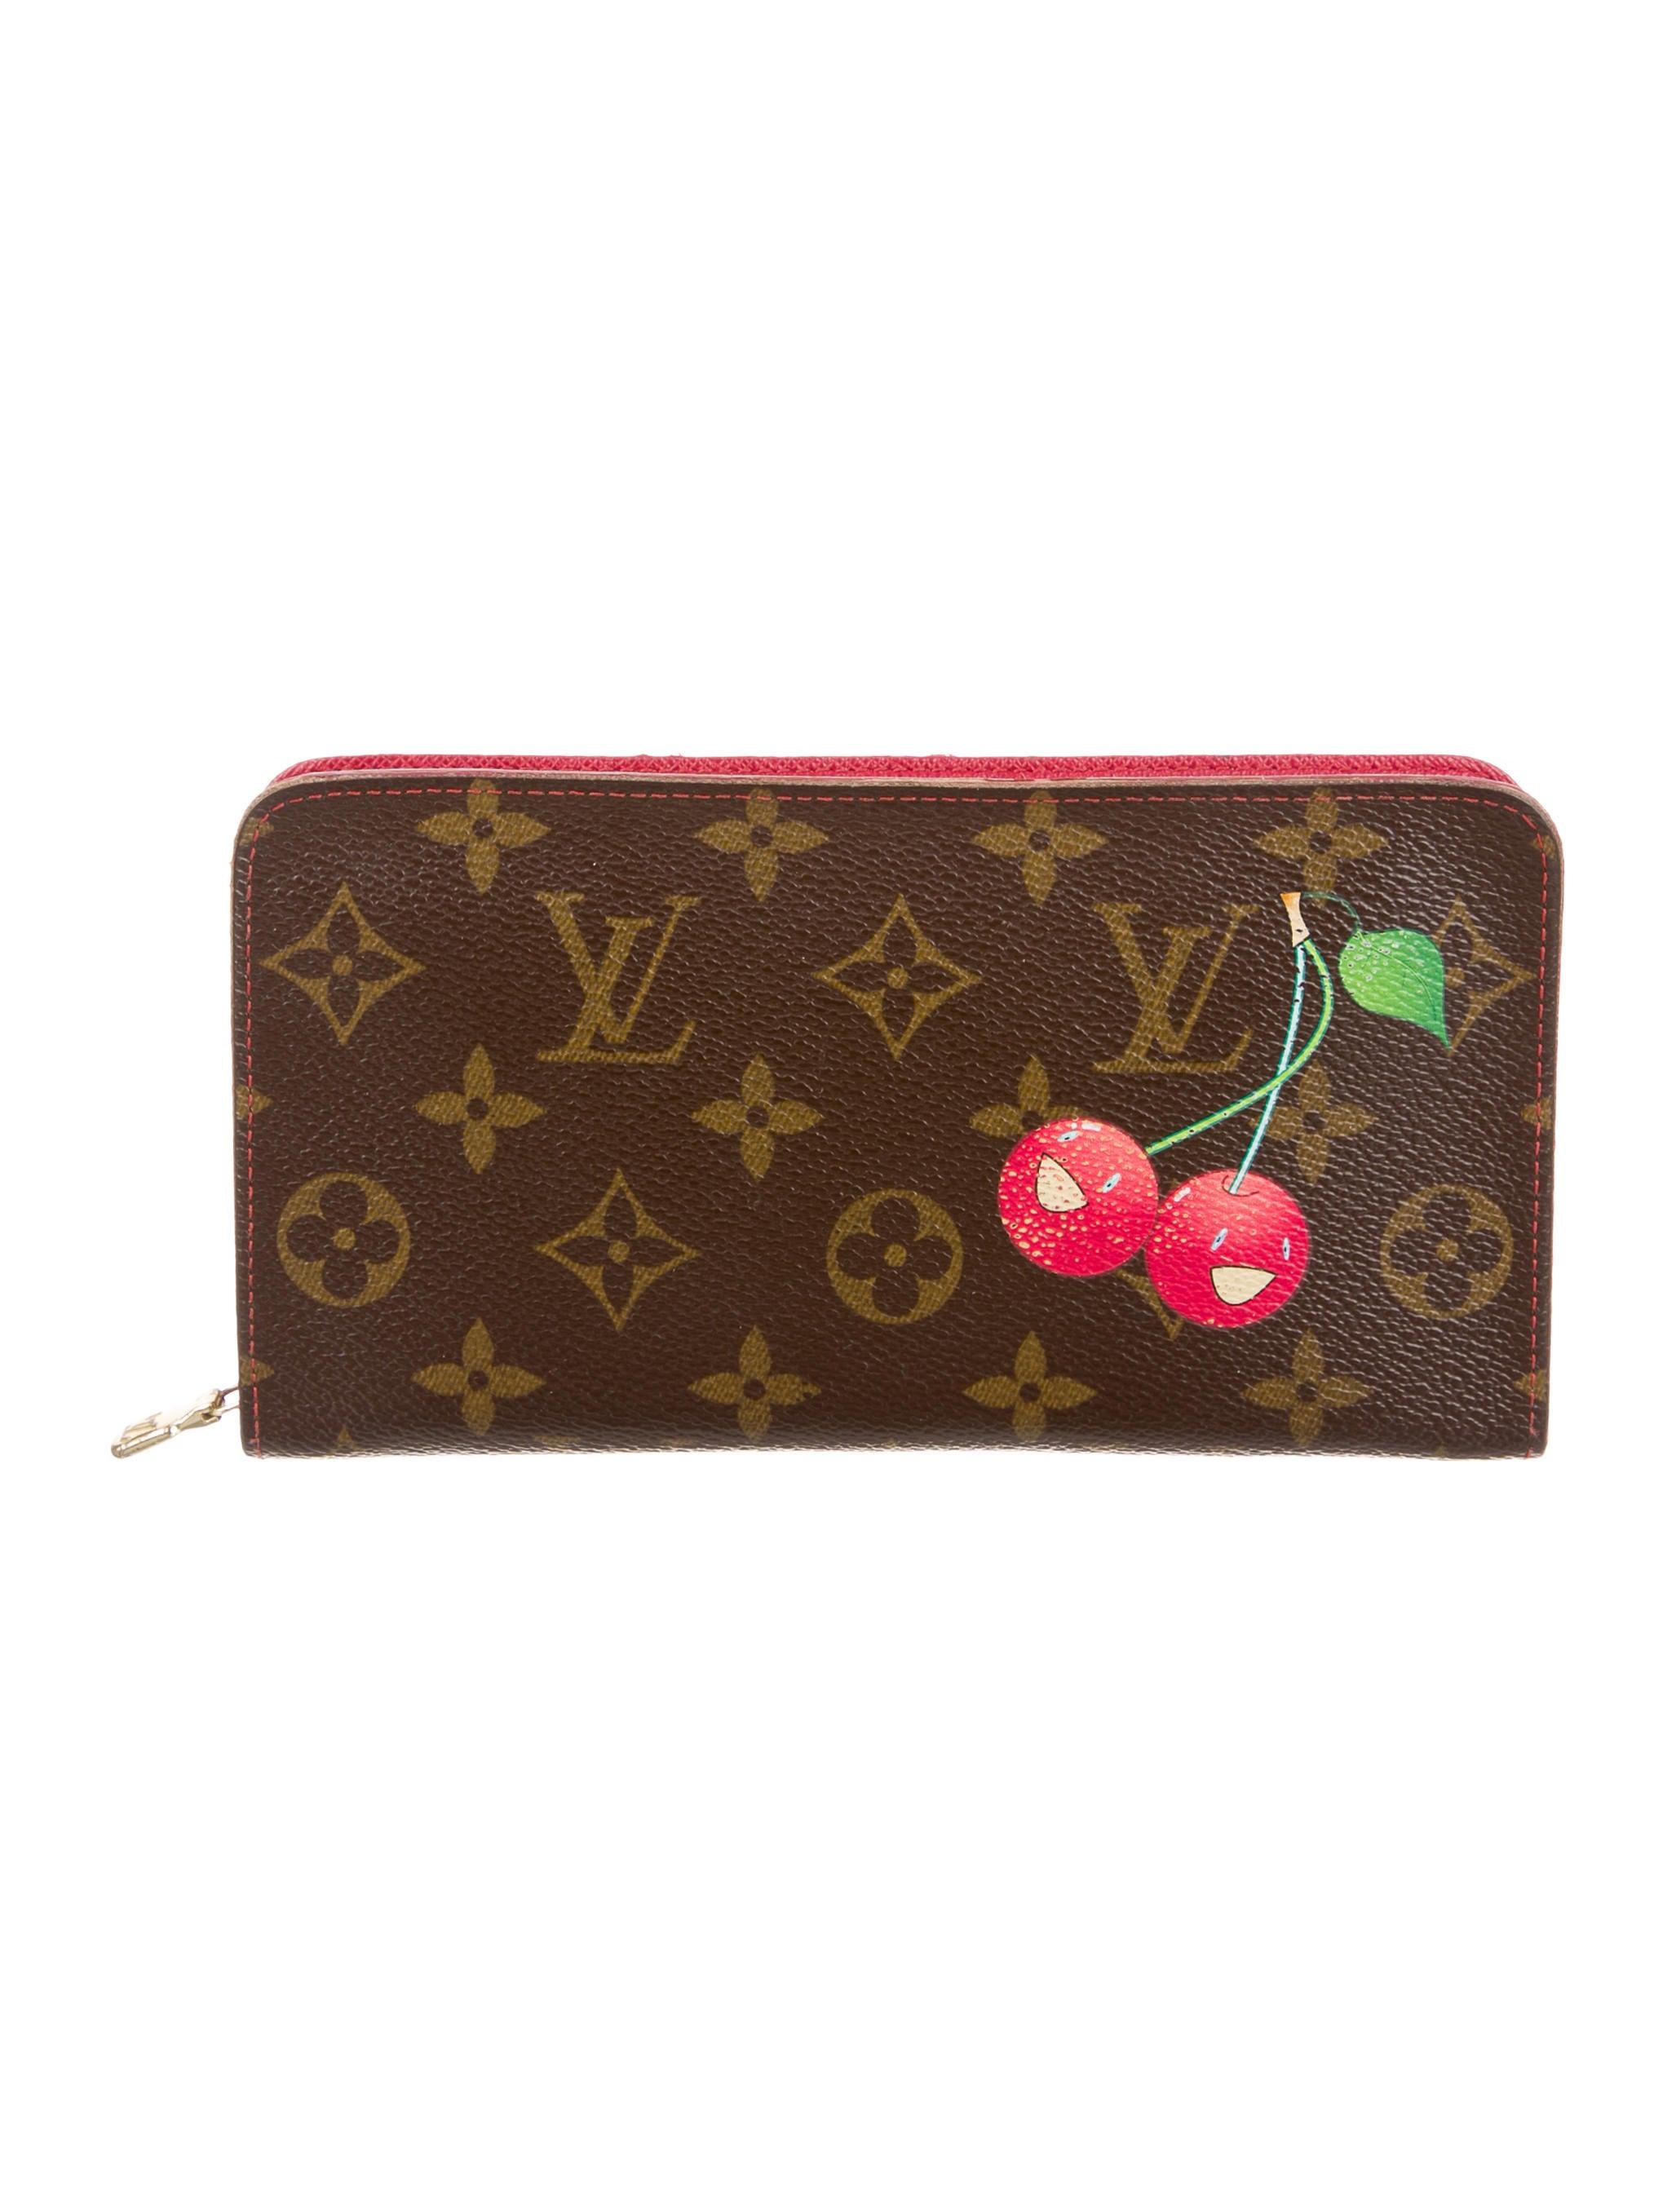 Louis vuitton monogram cerises porte monnaie zippy wallet for Porte monnaie